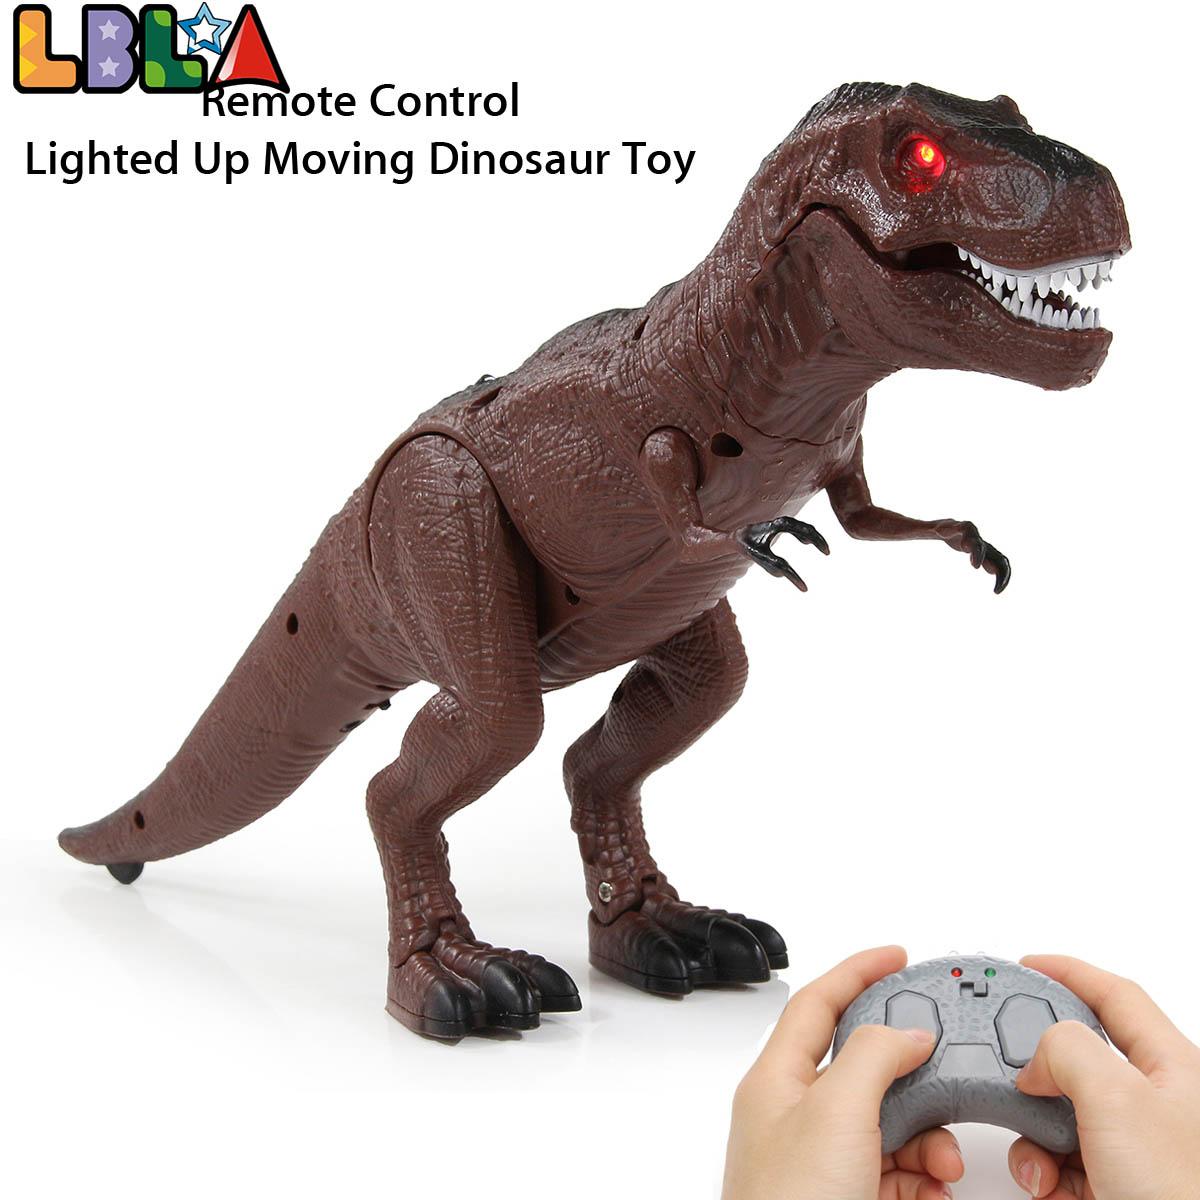 modelo de animal inteligente brinquedo infravermelho controle remoto andando brinquedo dinossauro para criancas figura brinquedo eletrico